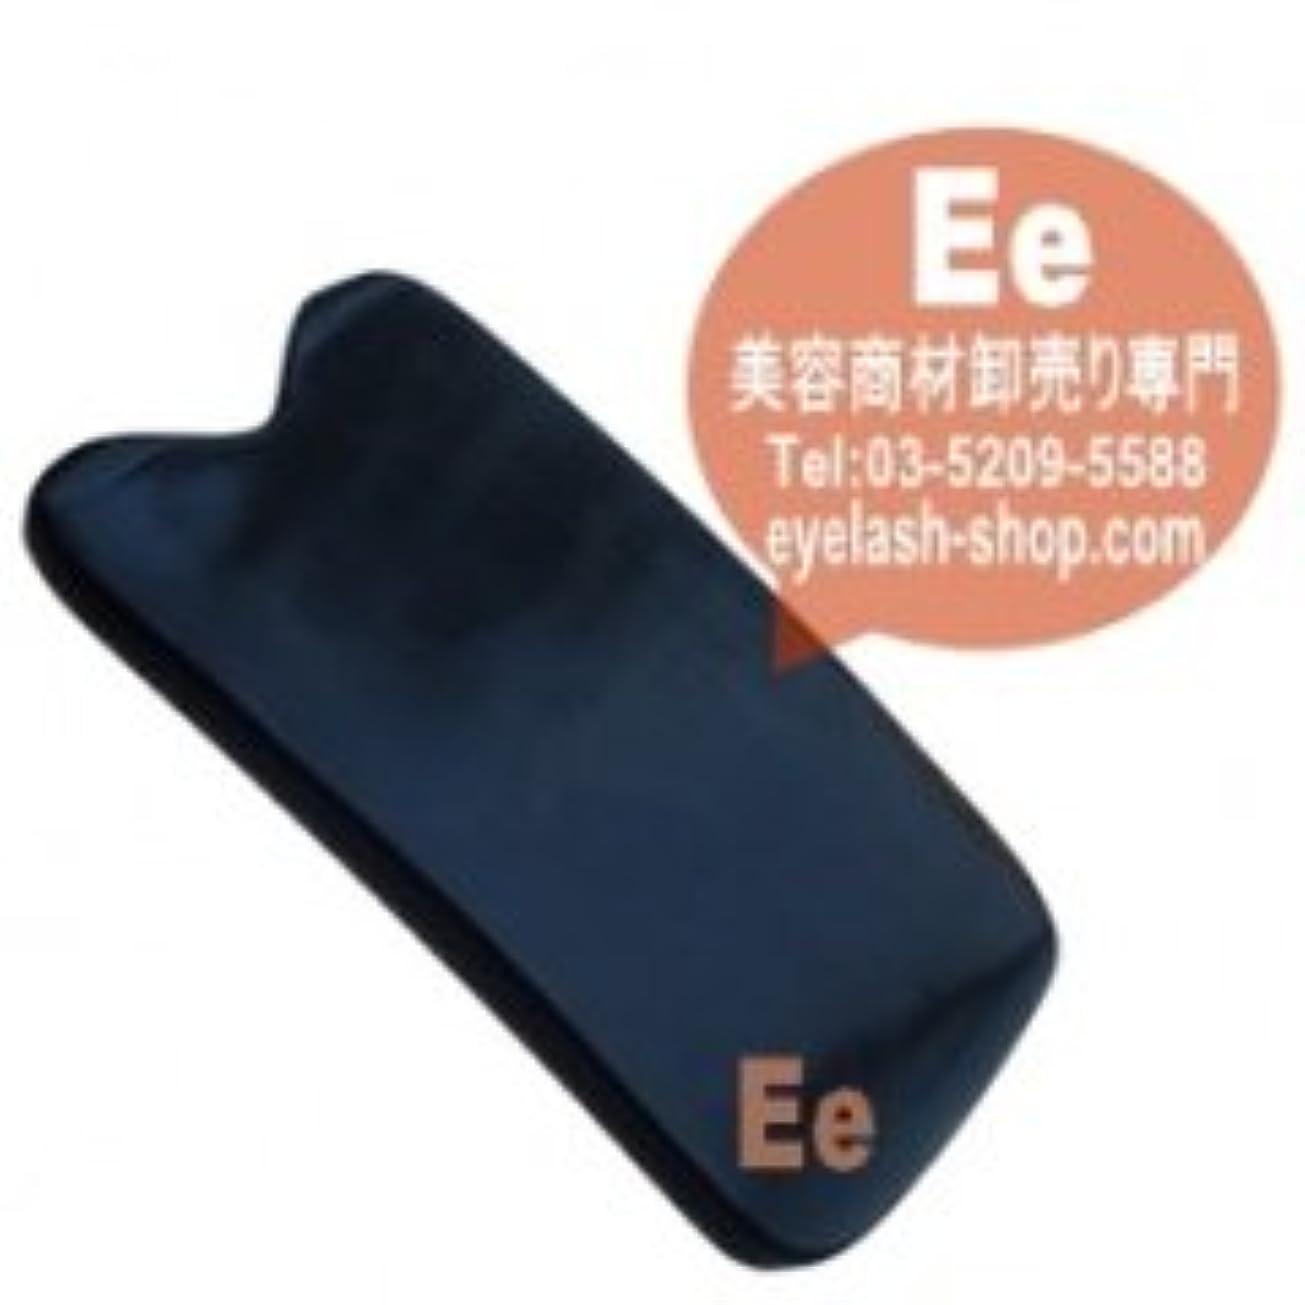 安心させる講義組立かっさ板 カッサプレート 美容マッサージカッサ板 グアシャ板 水牛の角 A-04